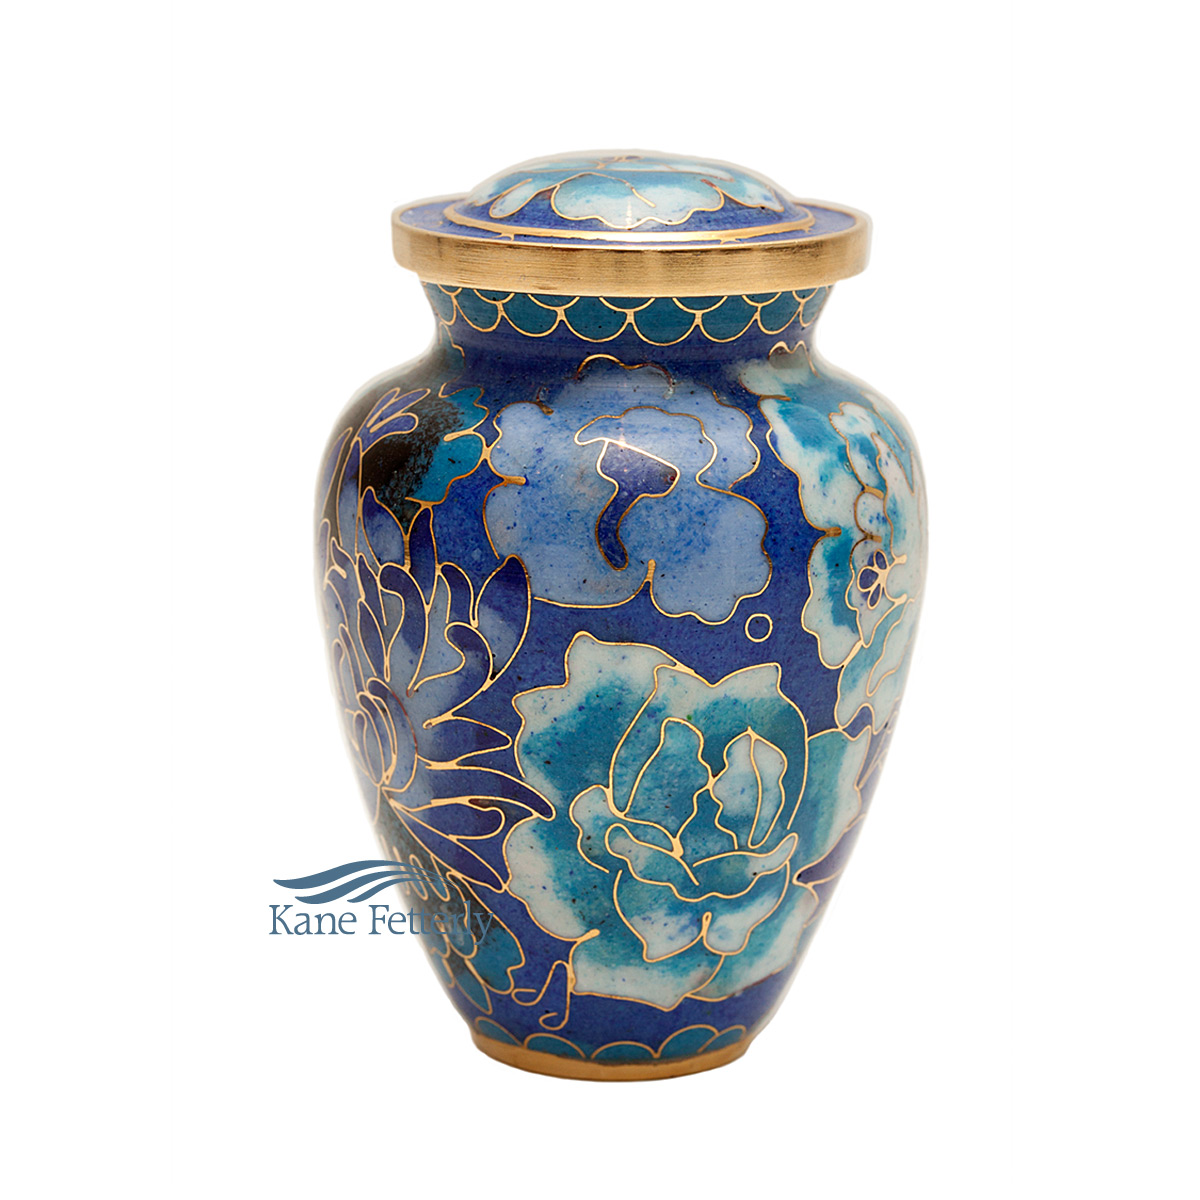 U8598K Cloisonn� miniature urn